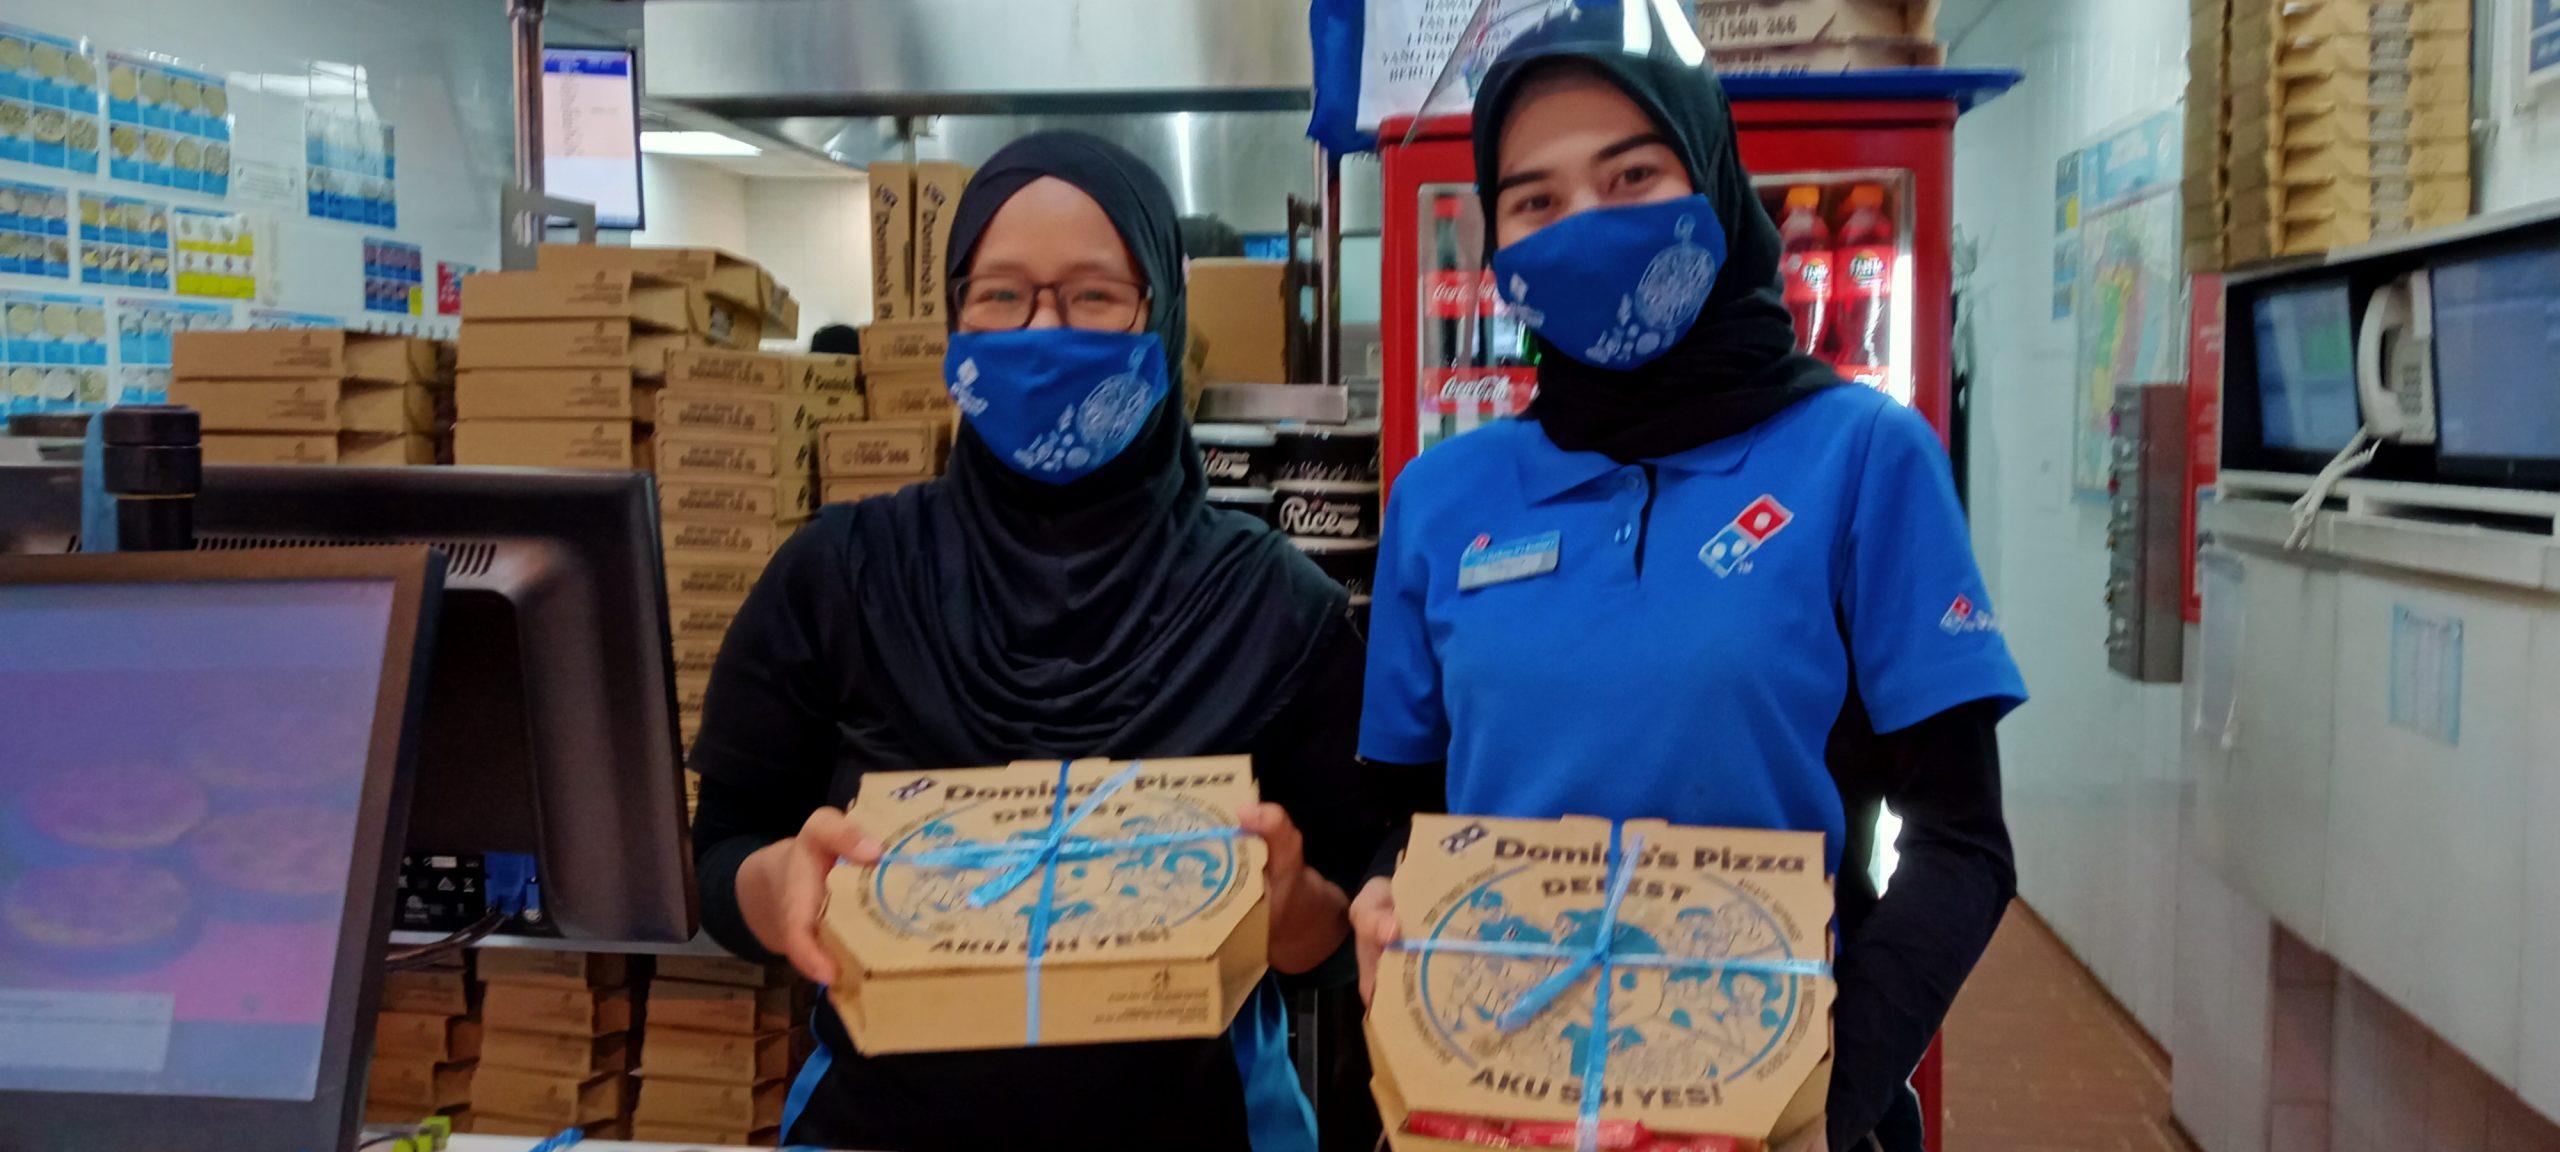 Dominos Pizza Grandwisata Berikan Promo Menarik, Rabu, (7/10).